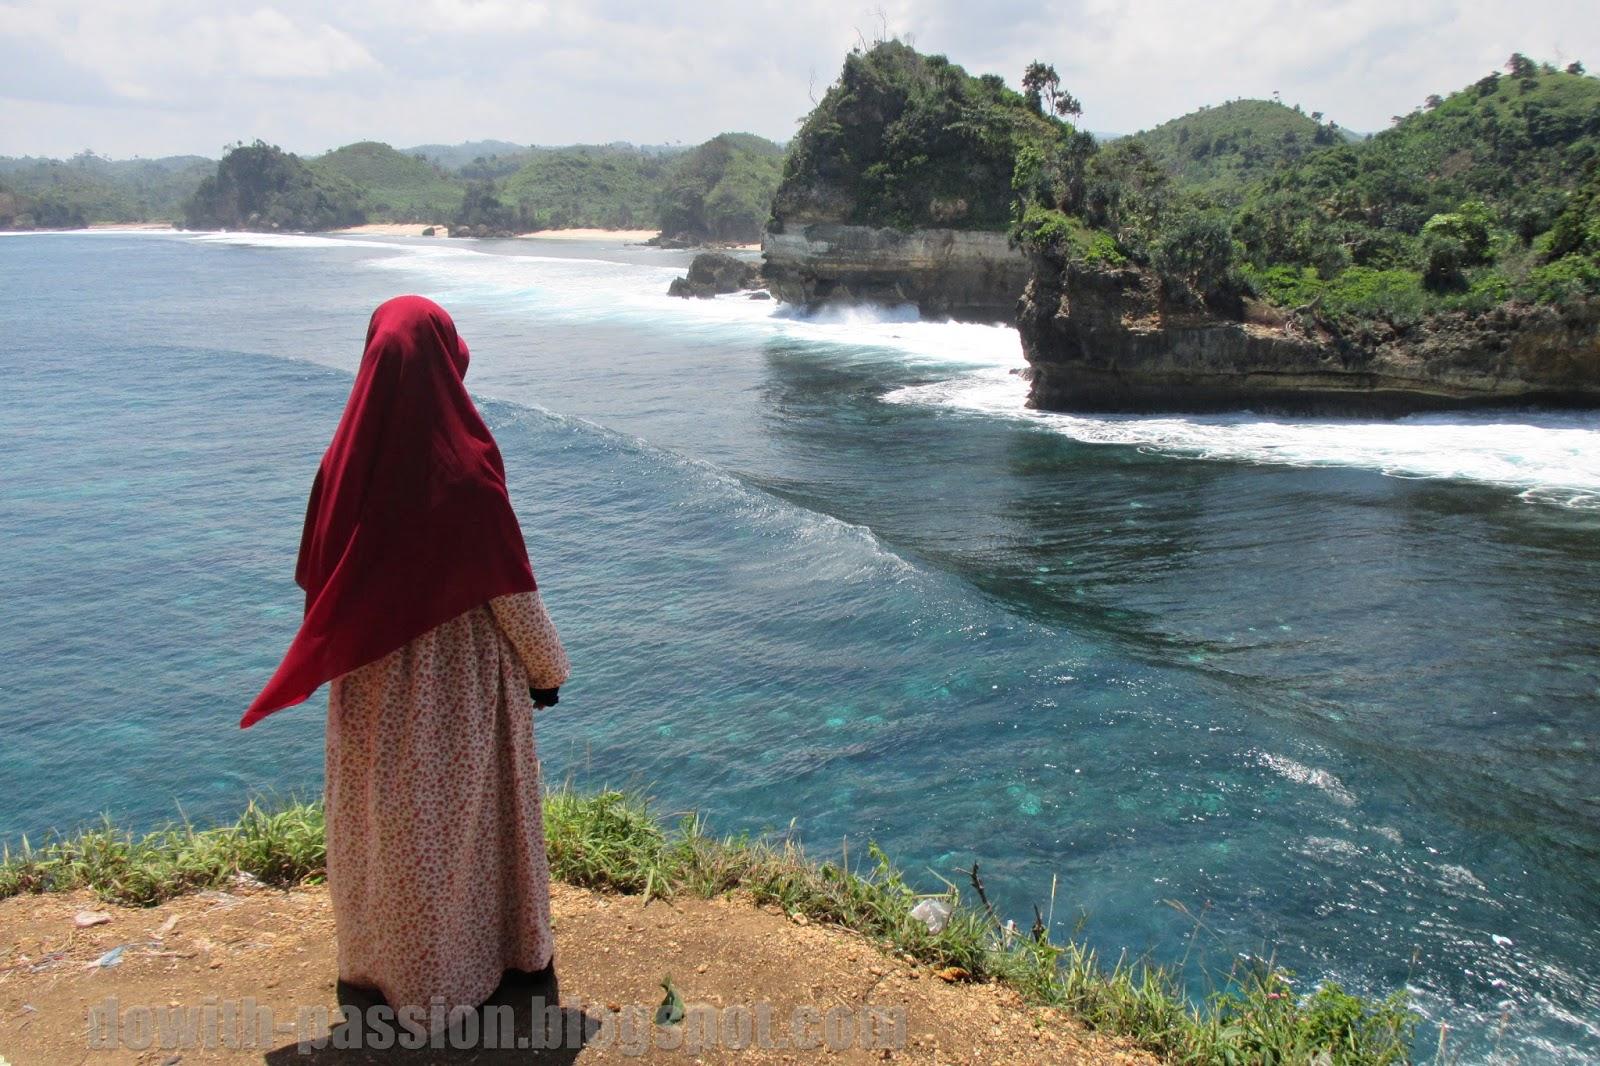 Menikmati Mulusnya Jalur Lintas Selatan Jls Malang Menuju Pantai Ternyata